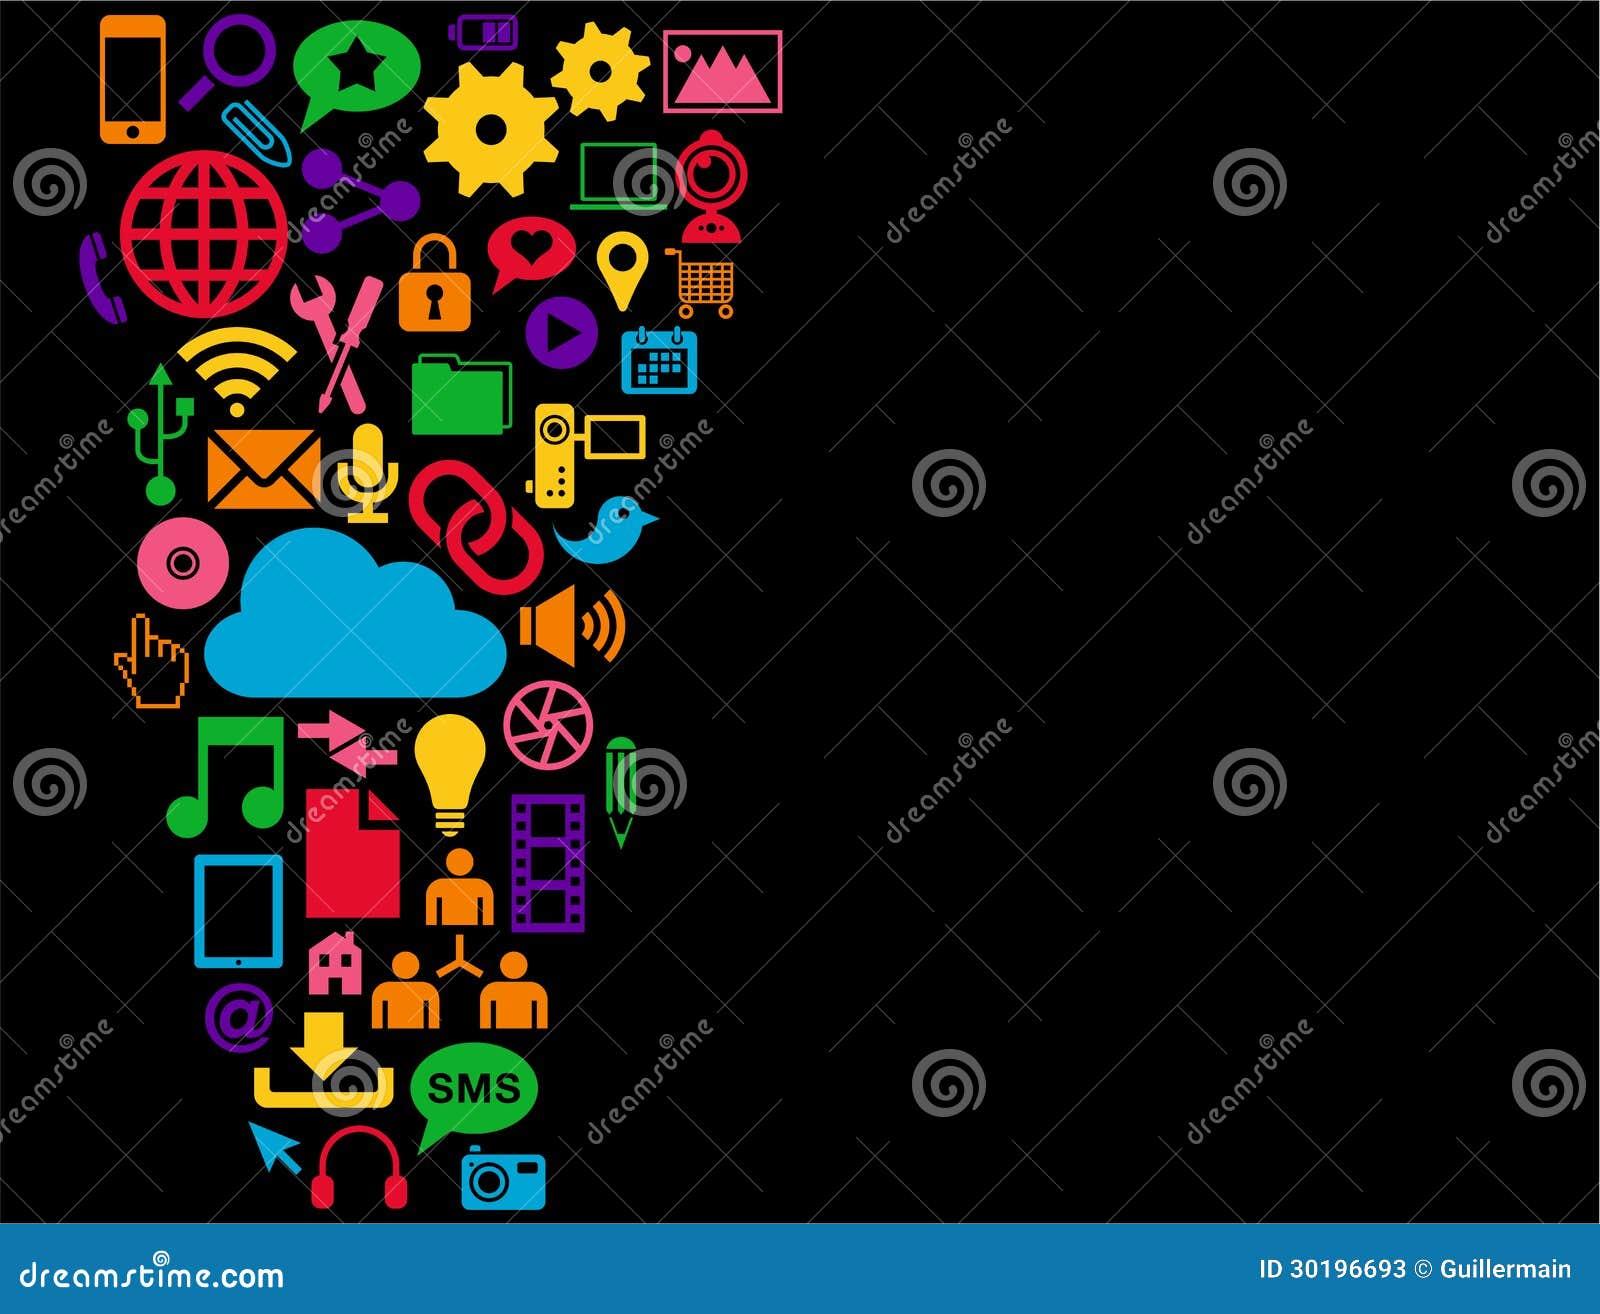 Ipad School Clipart